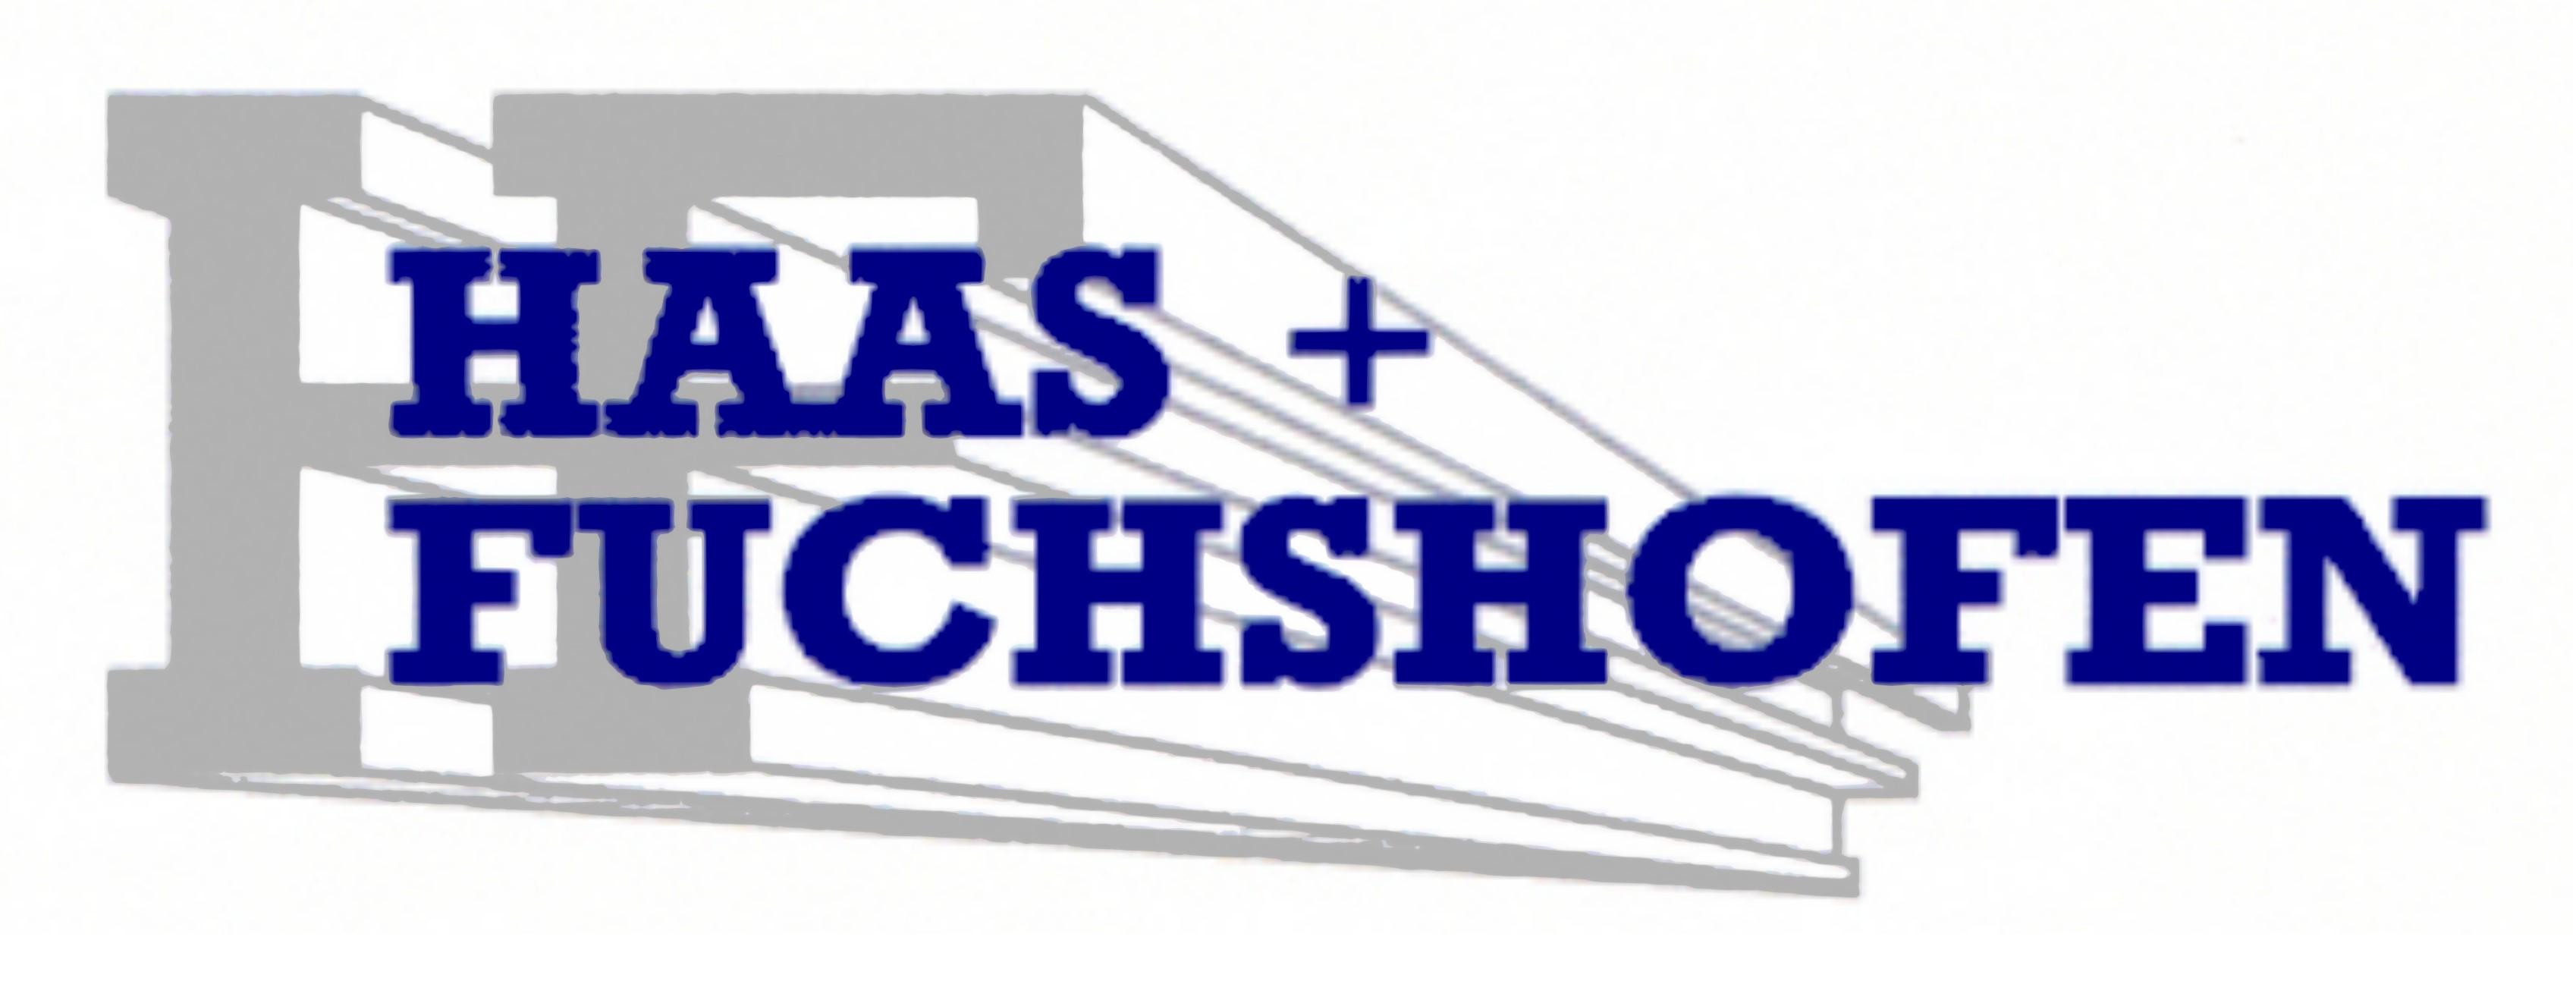 Haas & Fuchshofen Logo